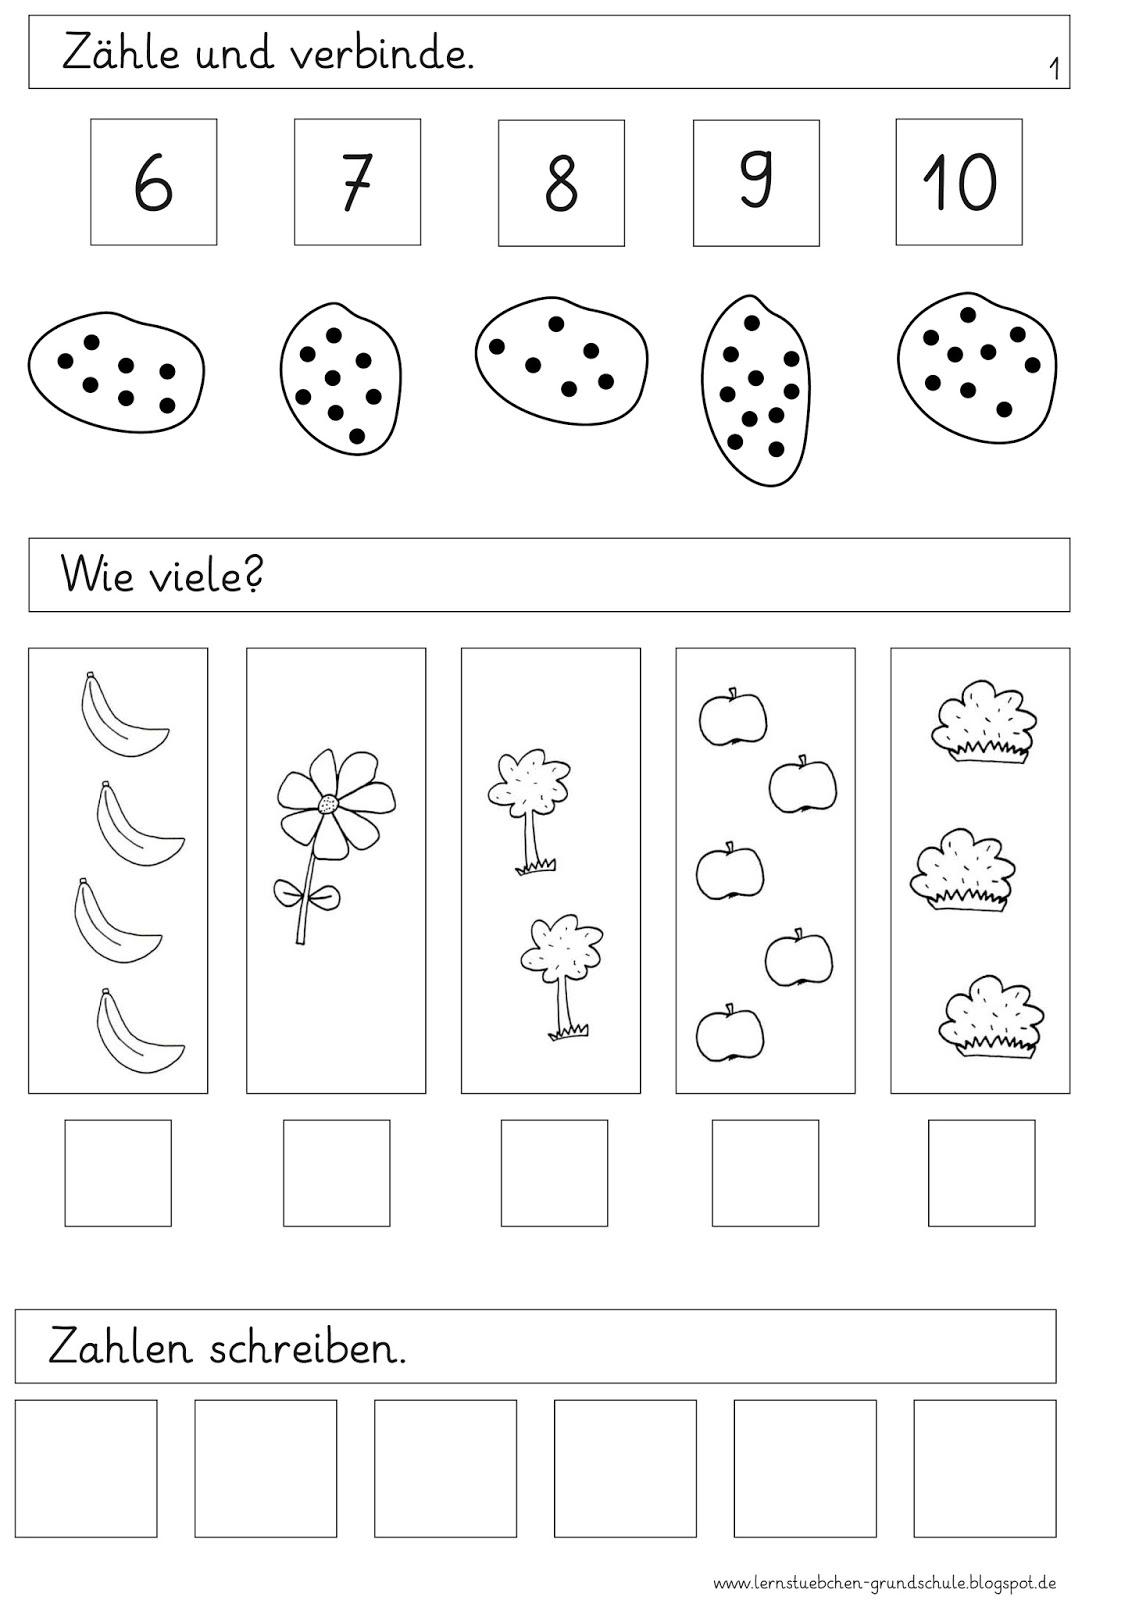 Lernstübchen: erste Diagnose in Mathe